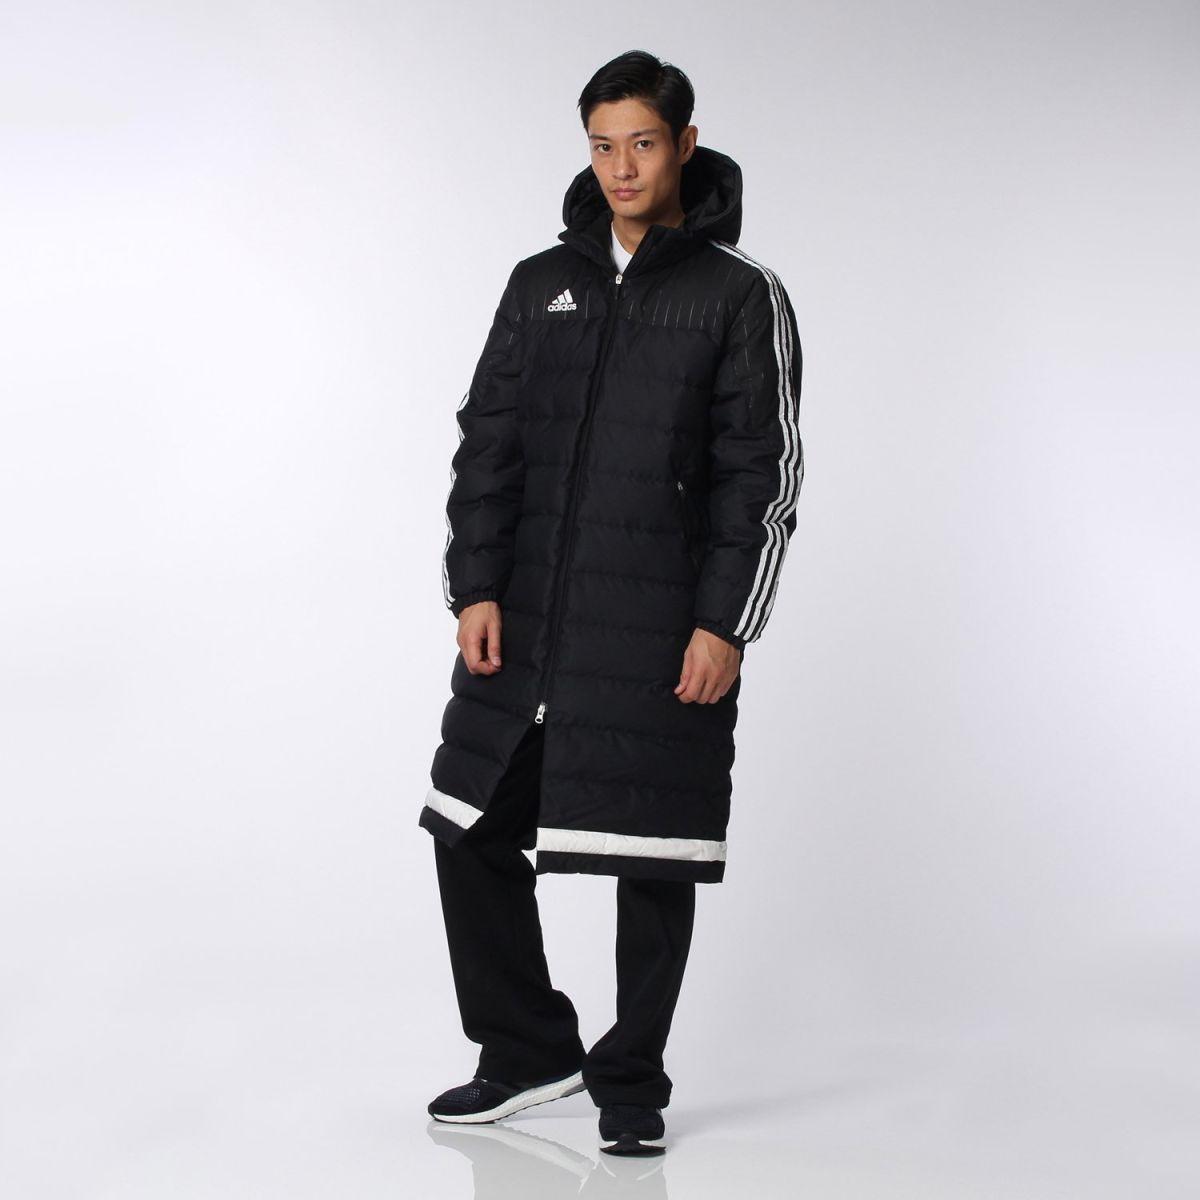 【公式】アディダス adidas エース TIRO15 ロングダウンコート メンズ サッカー ウェア アウター ダウン AA6885 p1215